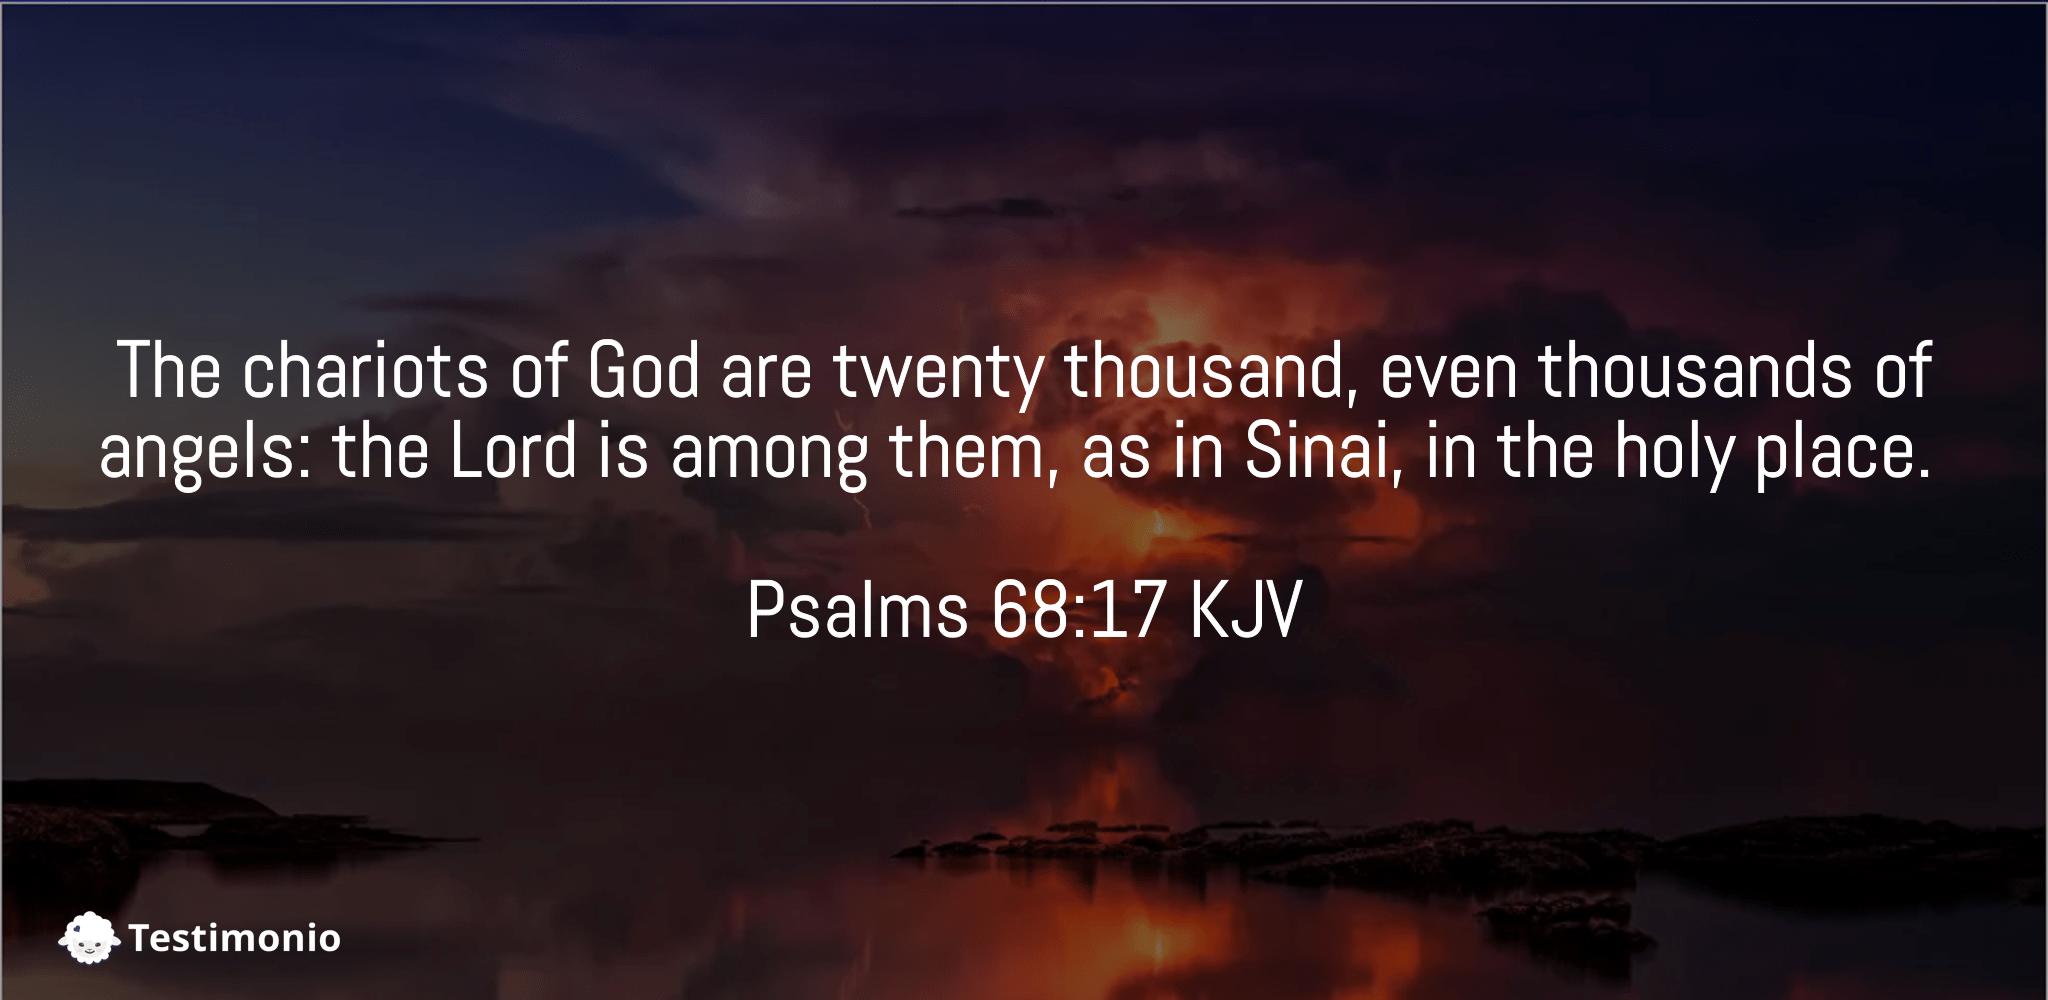 Psalms 68:17